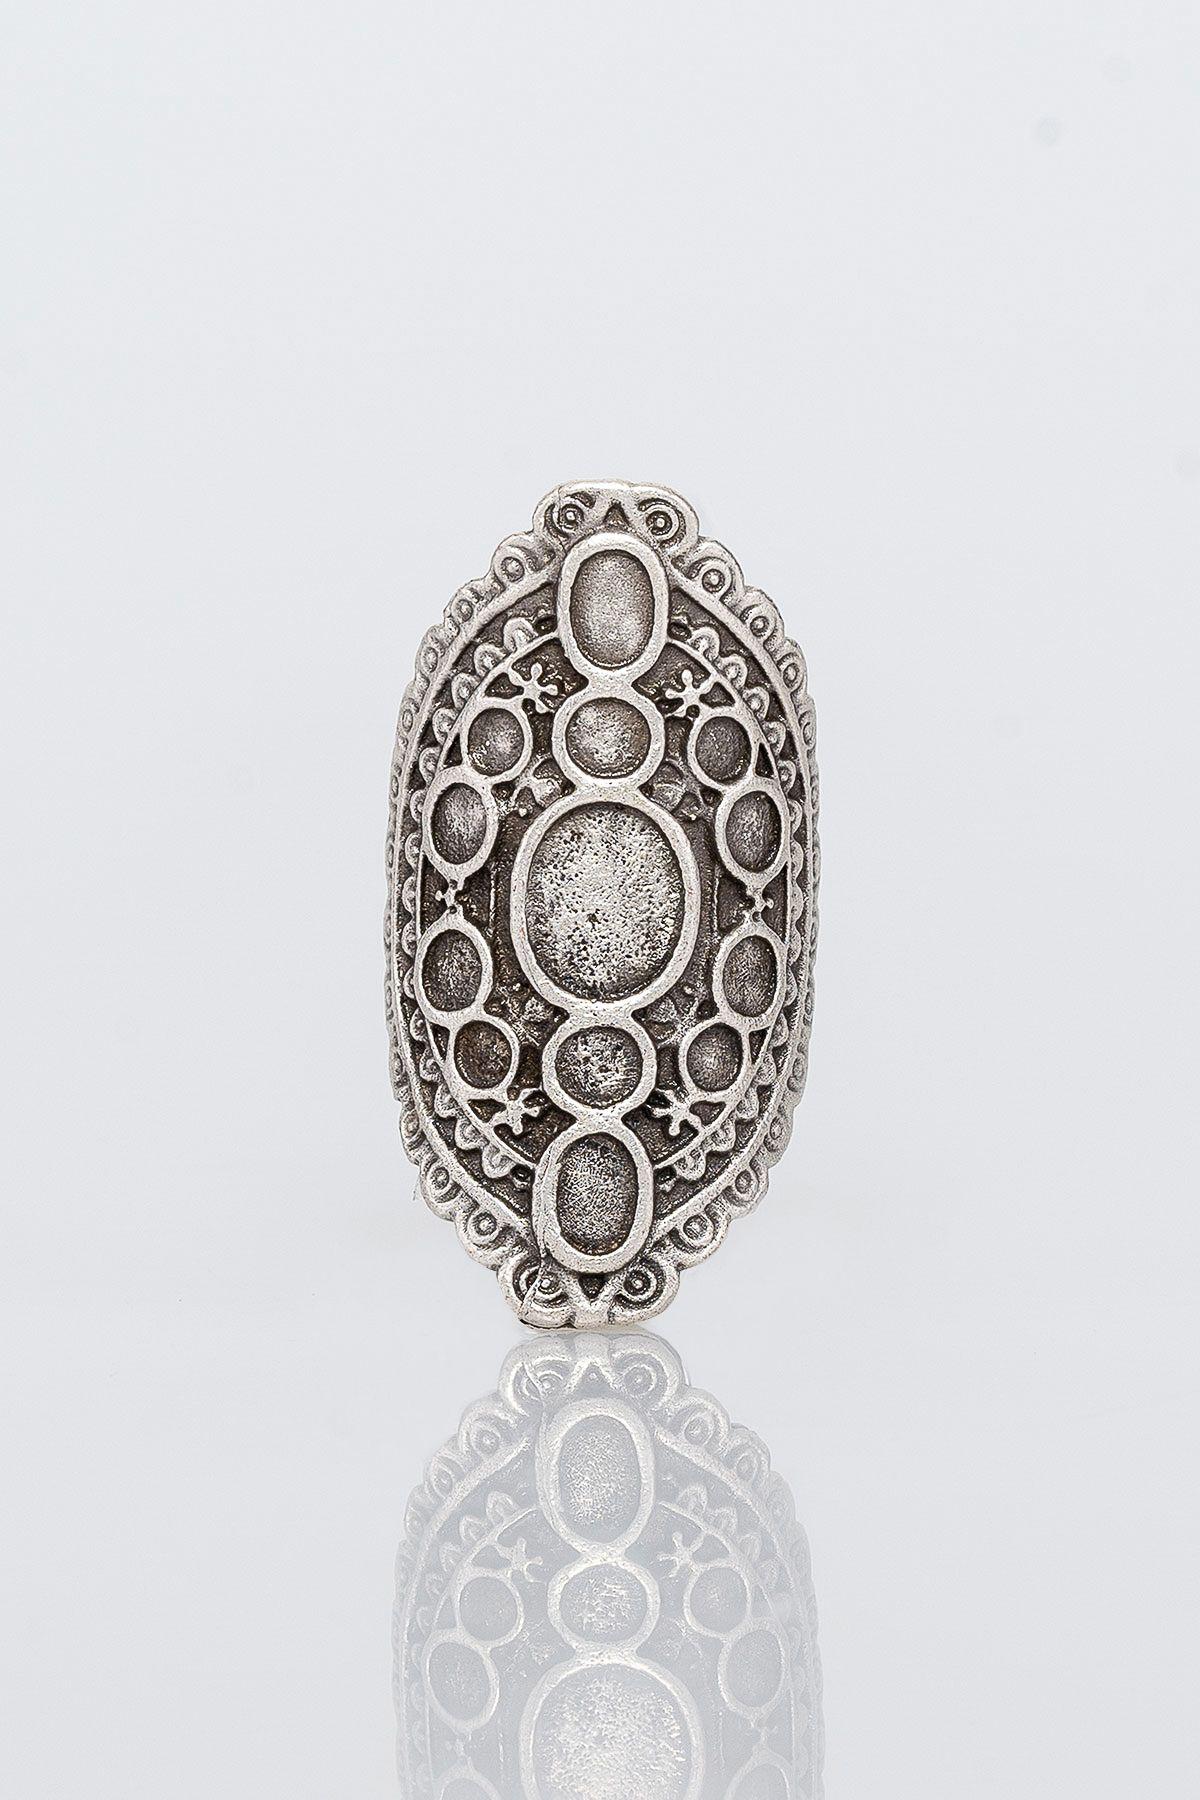 Pegia Deri Çantalı Vintage Tasarım Yüzük 19YZ06 Gümüş